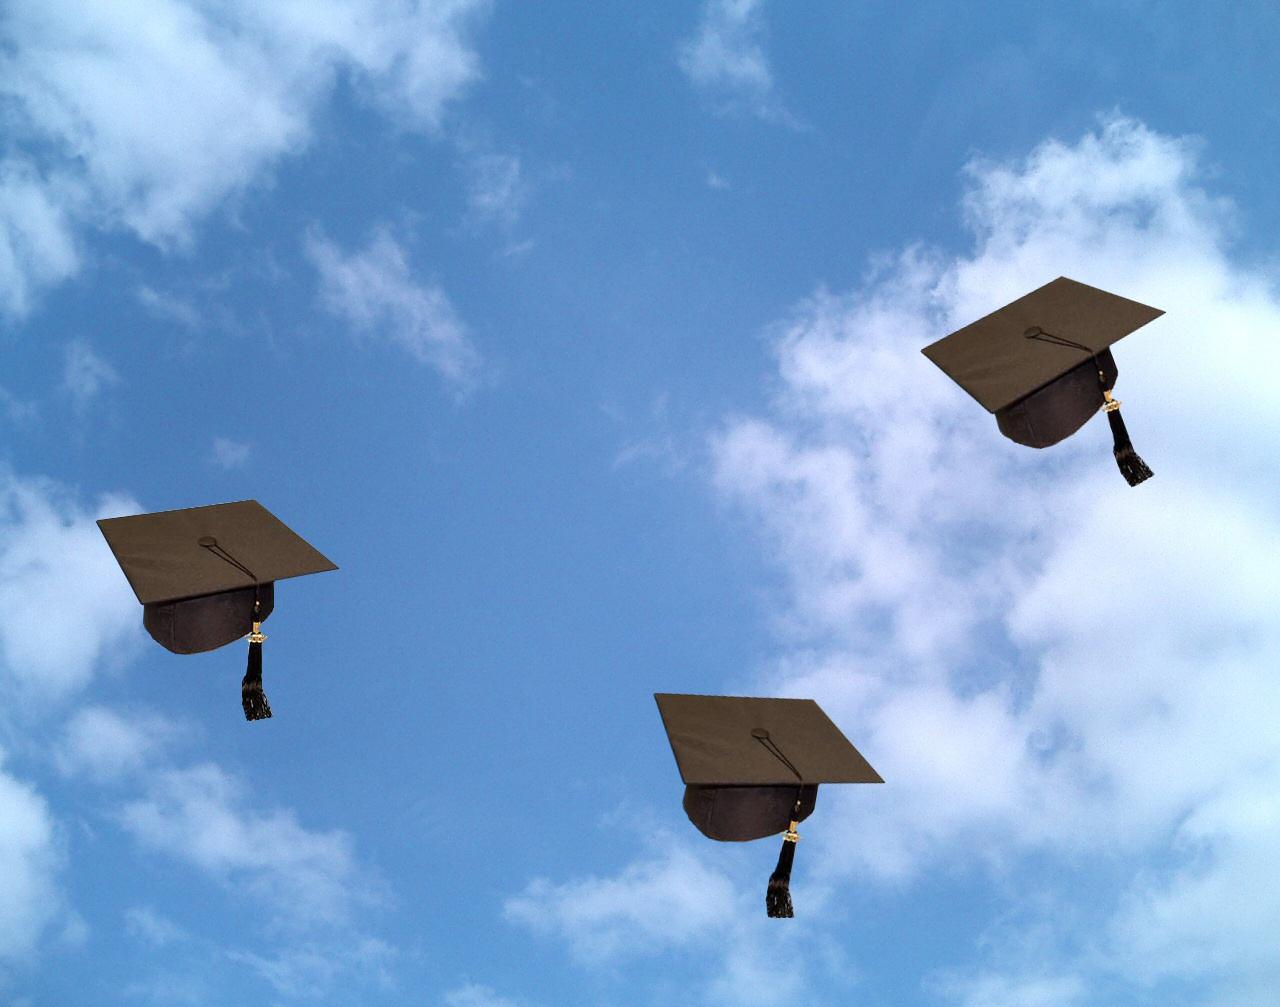 صور التهنئة بالتخرج من الكلية  (6)